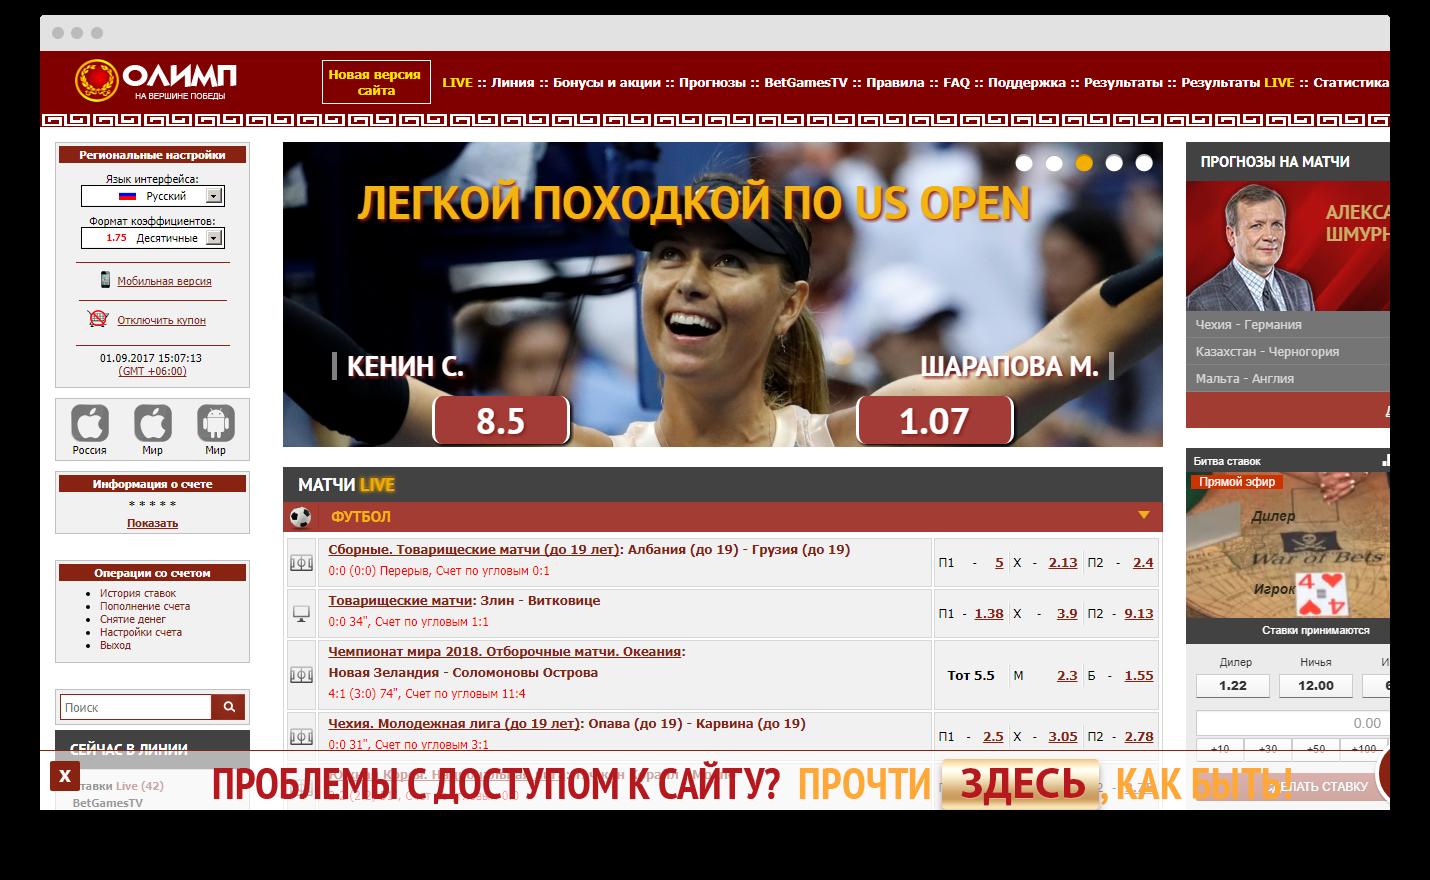 Олимп — букмекерская контора, сайт БК Olimp